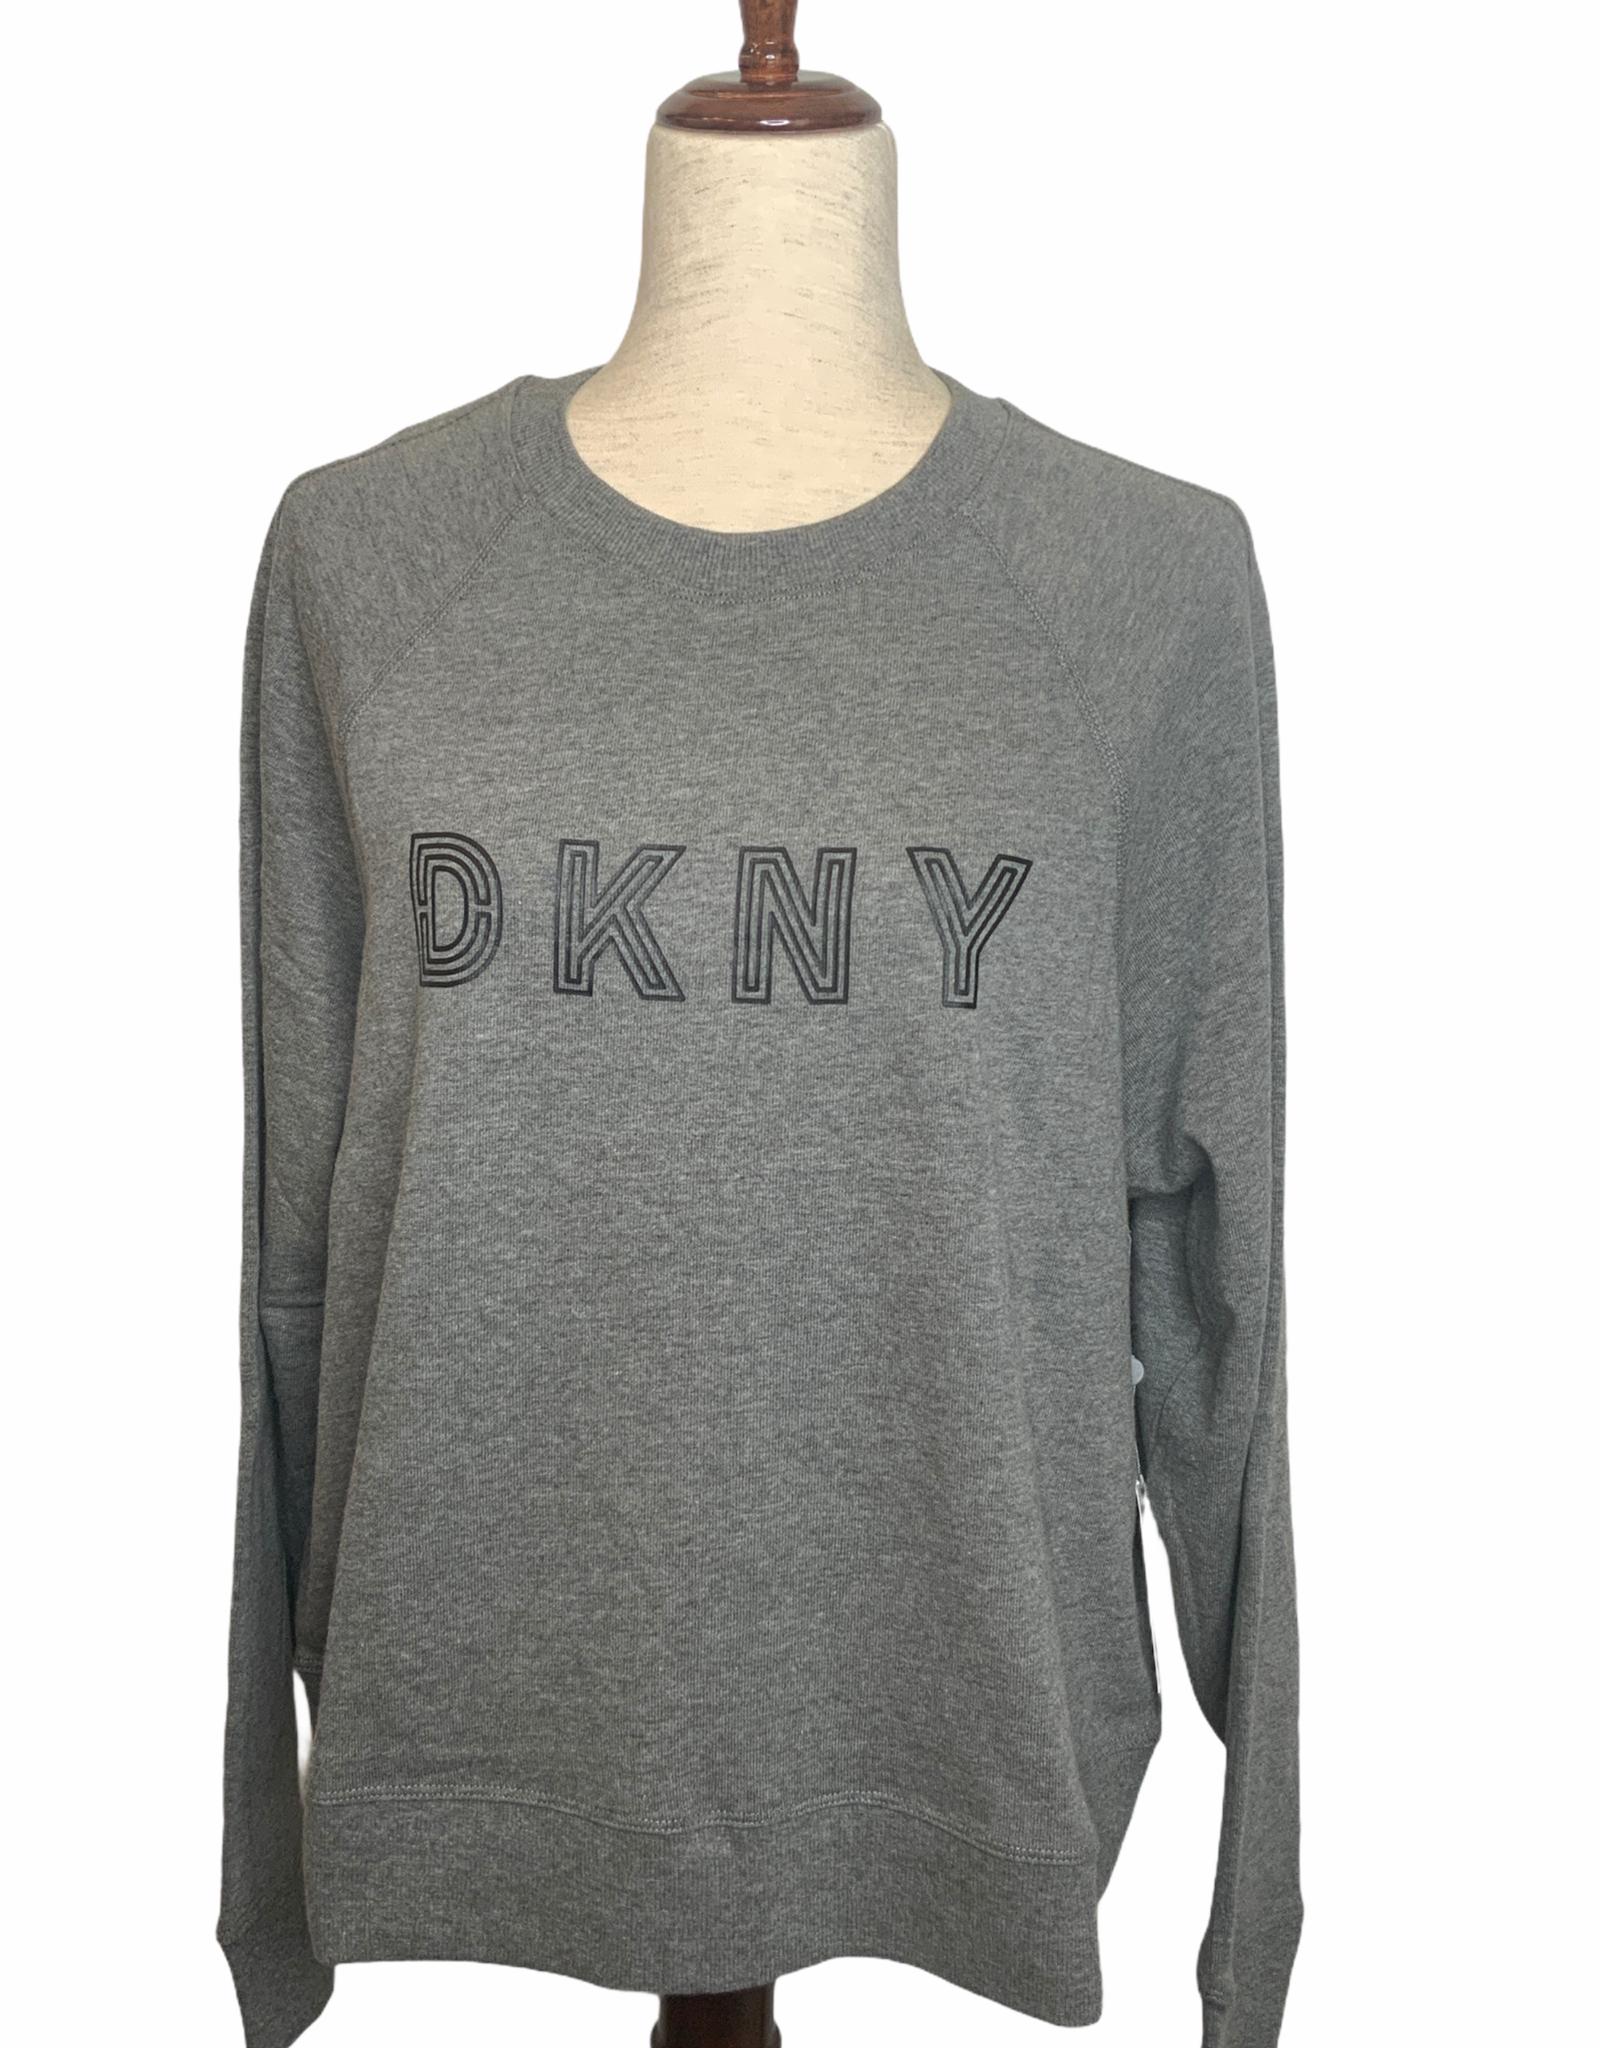 DKNY DKNY Sweatshirt Track Logo